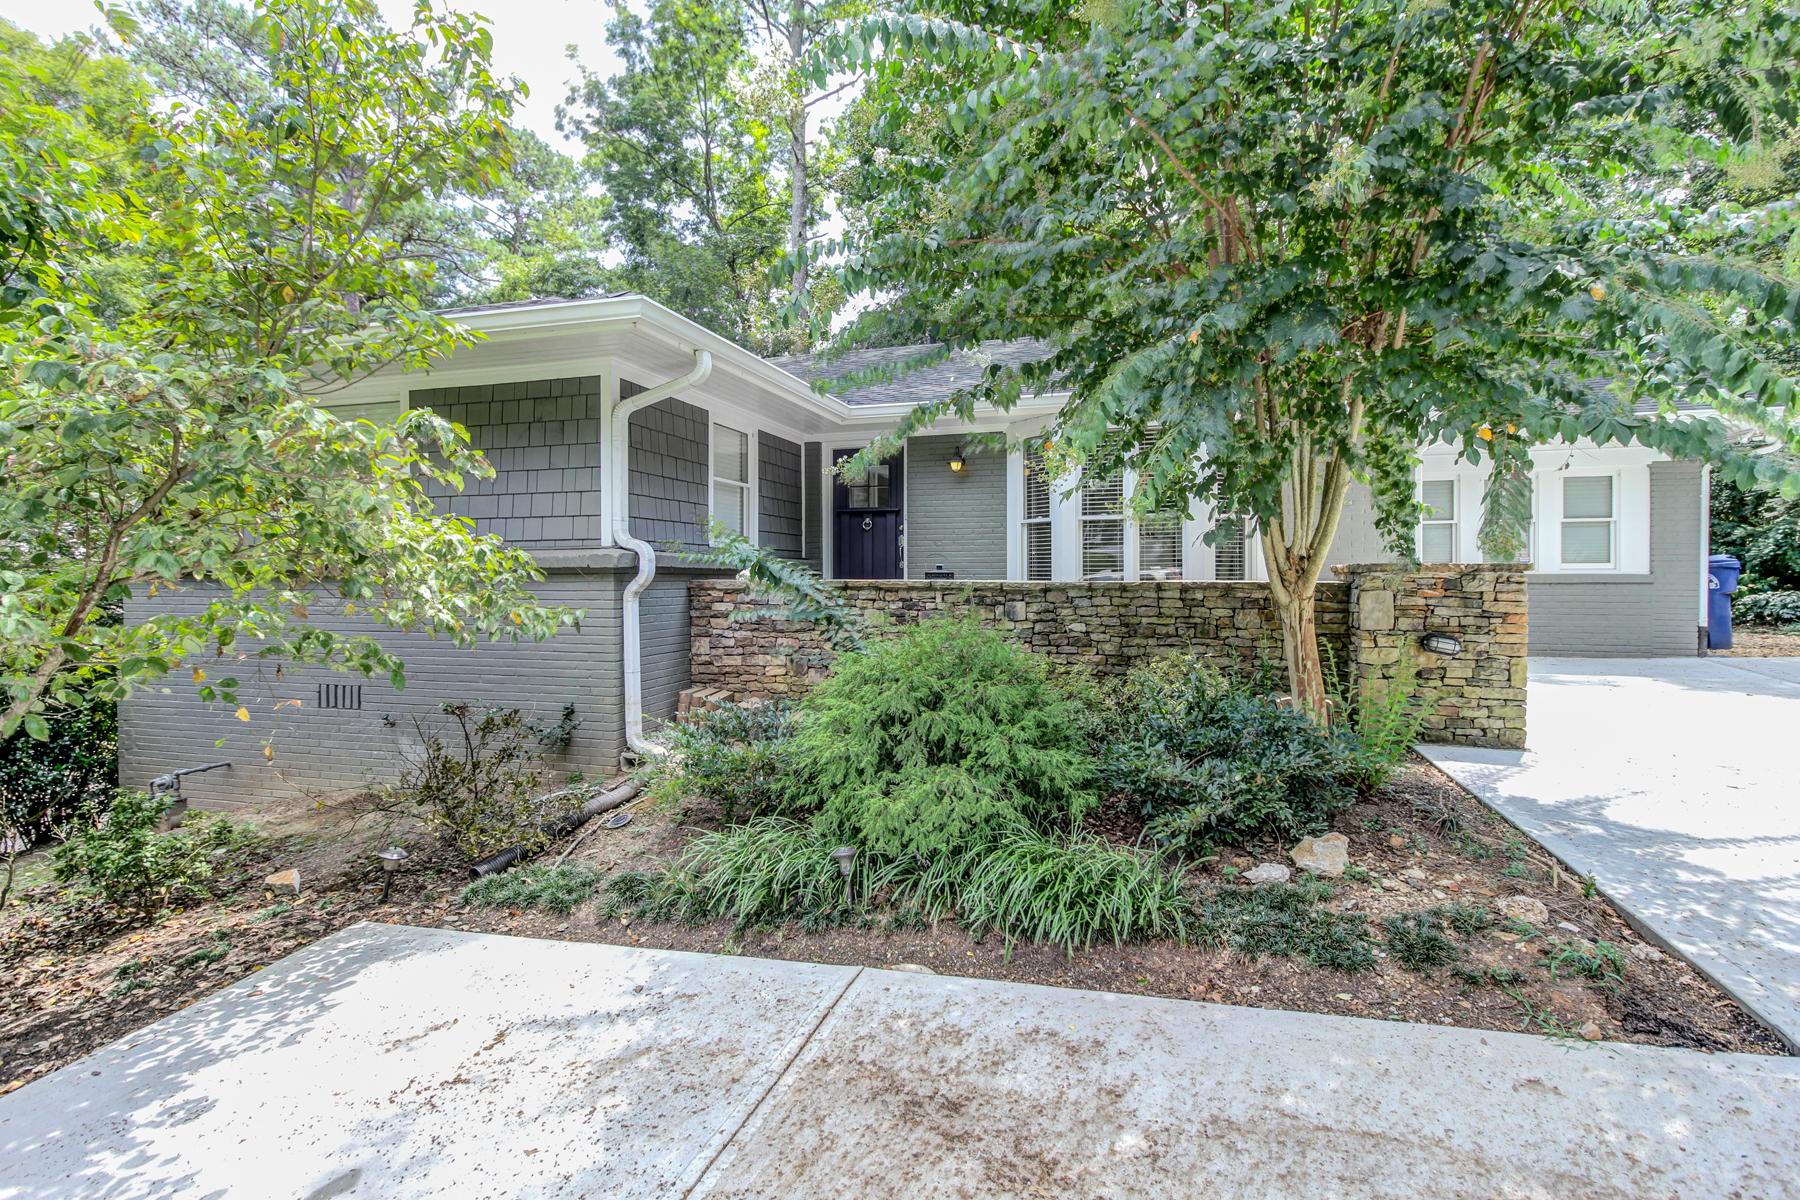 단독 가정 주택 용 매매 에 Buckhead Ranch Home 1722 Moores Mill Road NW Ridgewood Heights, Atlanta, 조지아 30318 미국